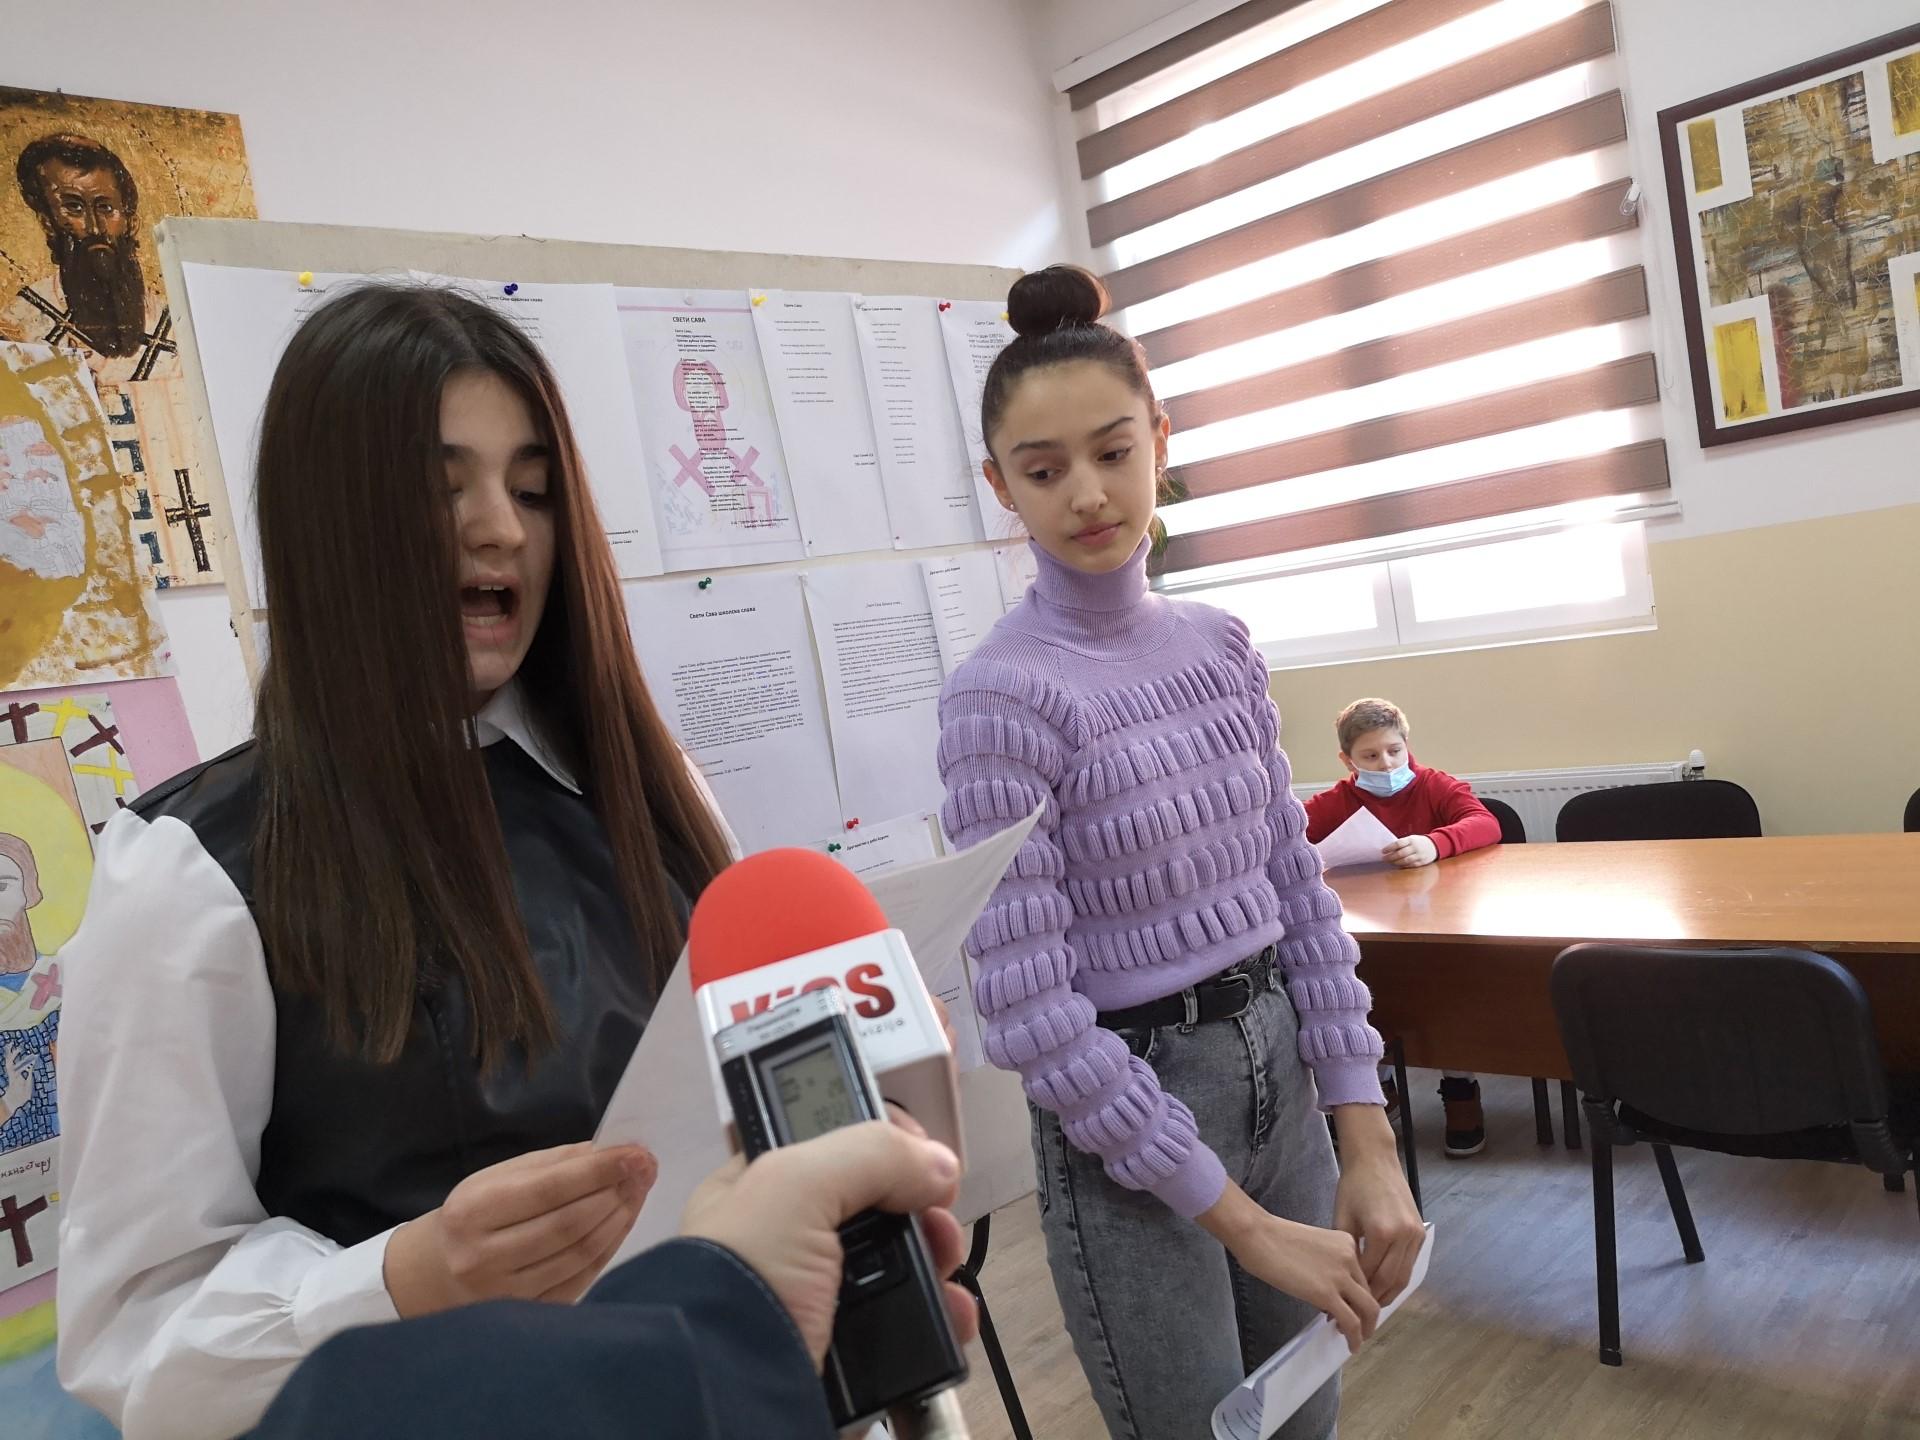 predstavljeni-literarni-i-likovni-radovi-mitrovickih-skolaraca-povodom-savindana